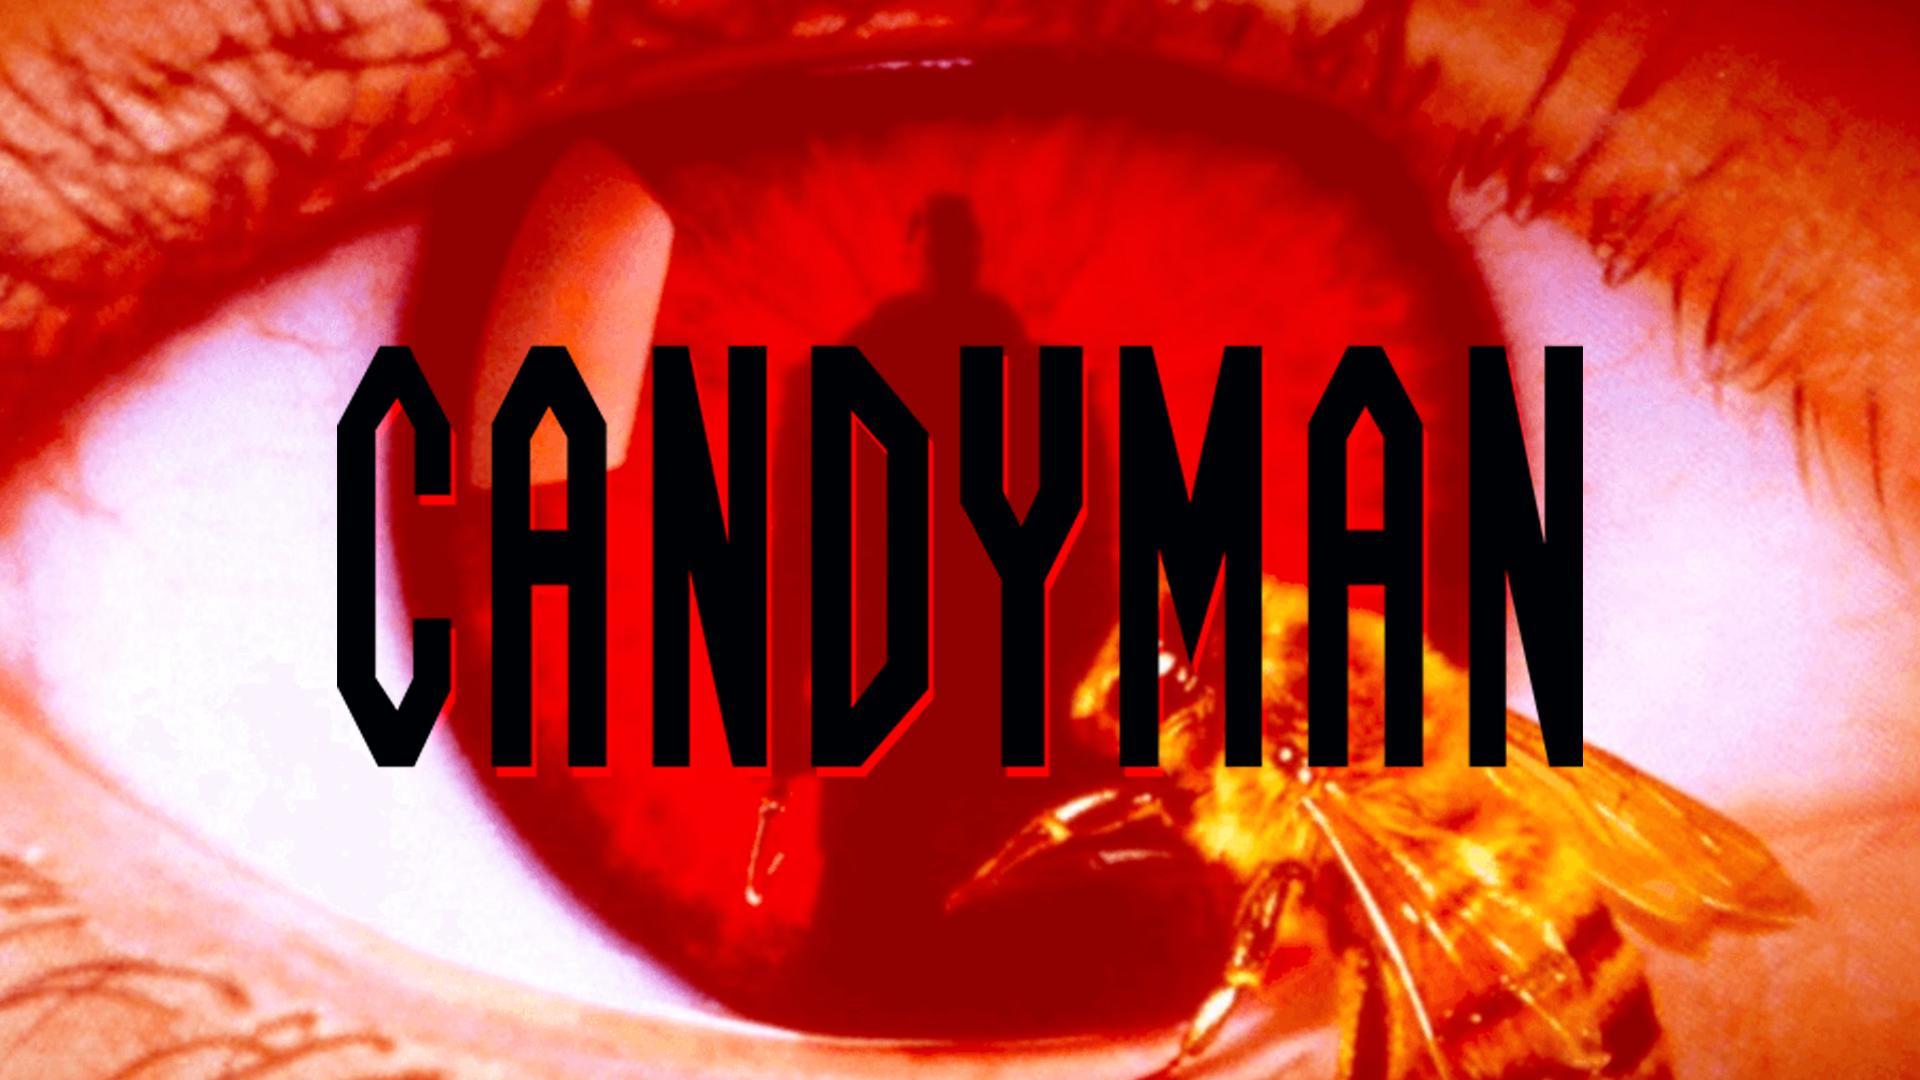 Candyman - Kampókéz (1992)